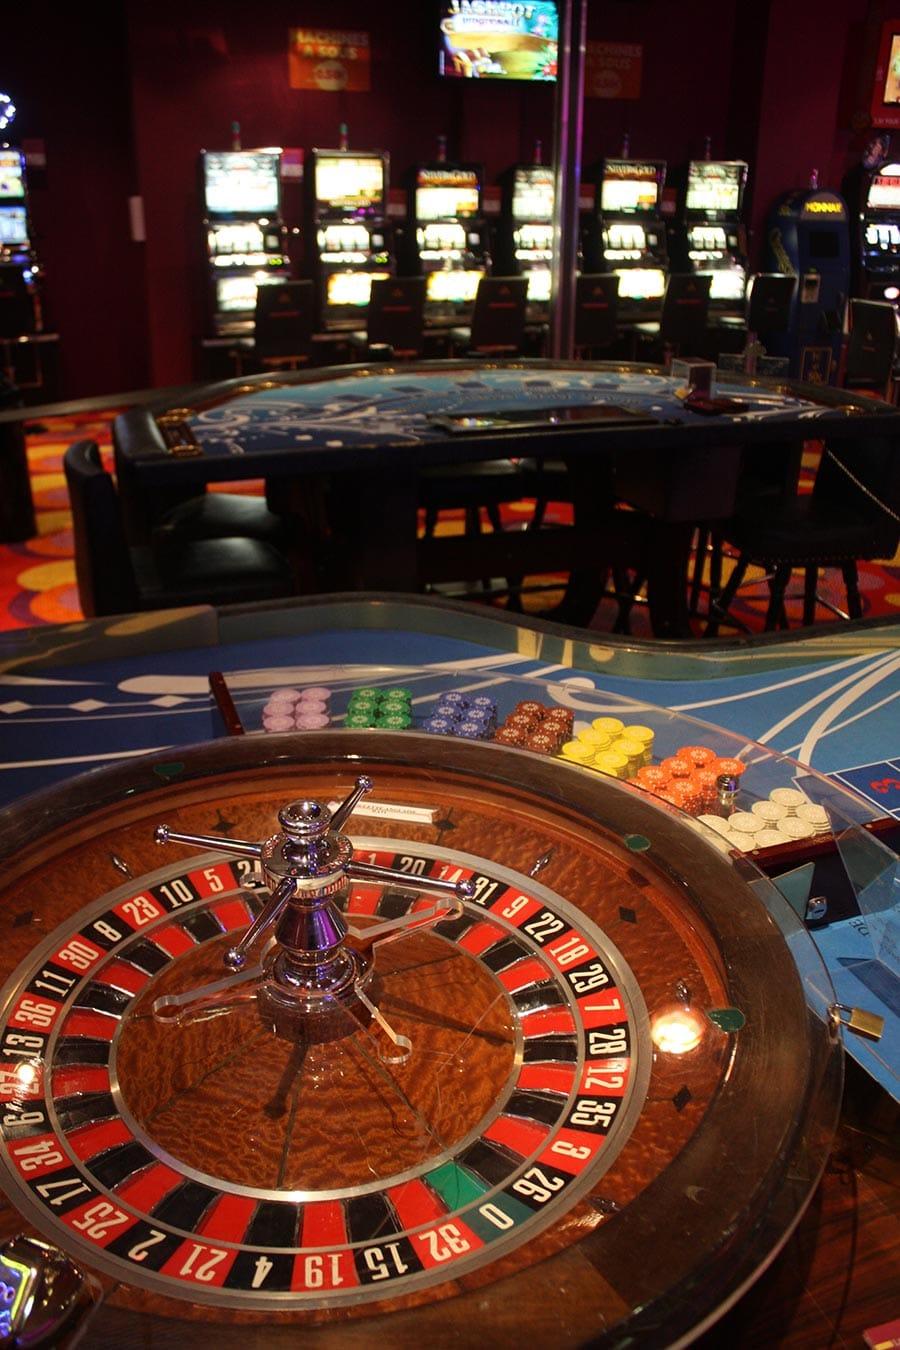 Jeux casino : ne pas s'ennuyer avec les nouveautés